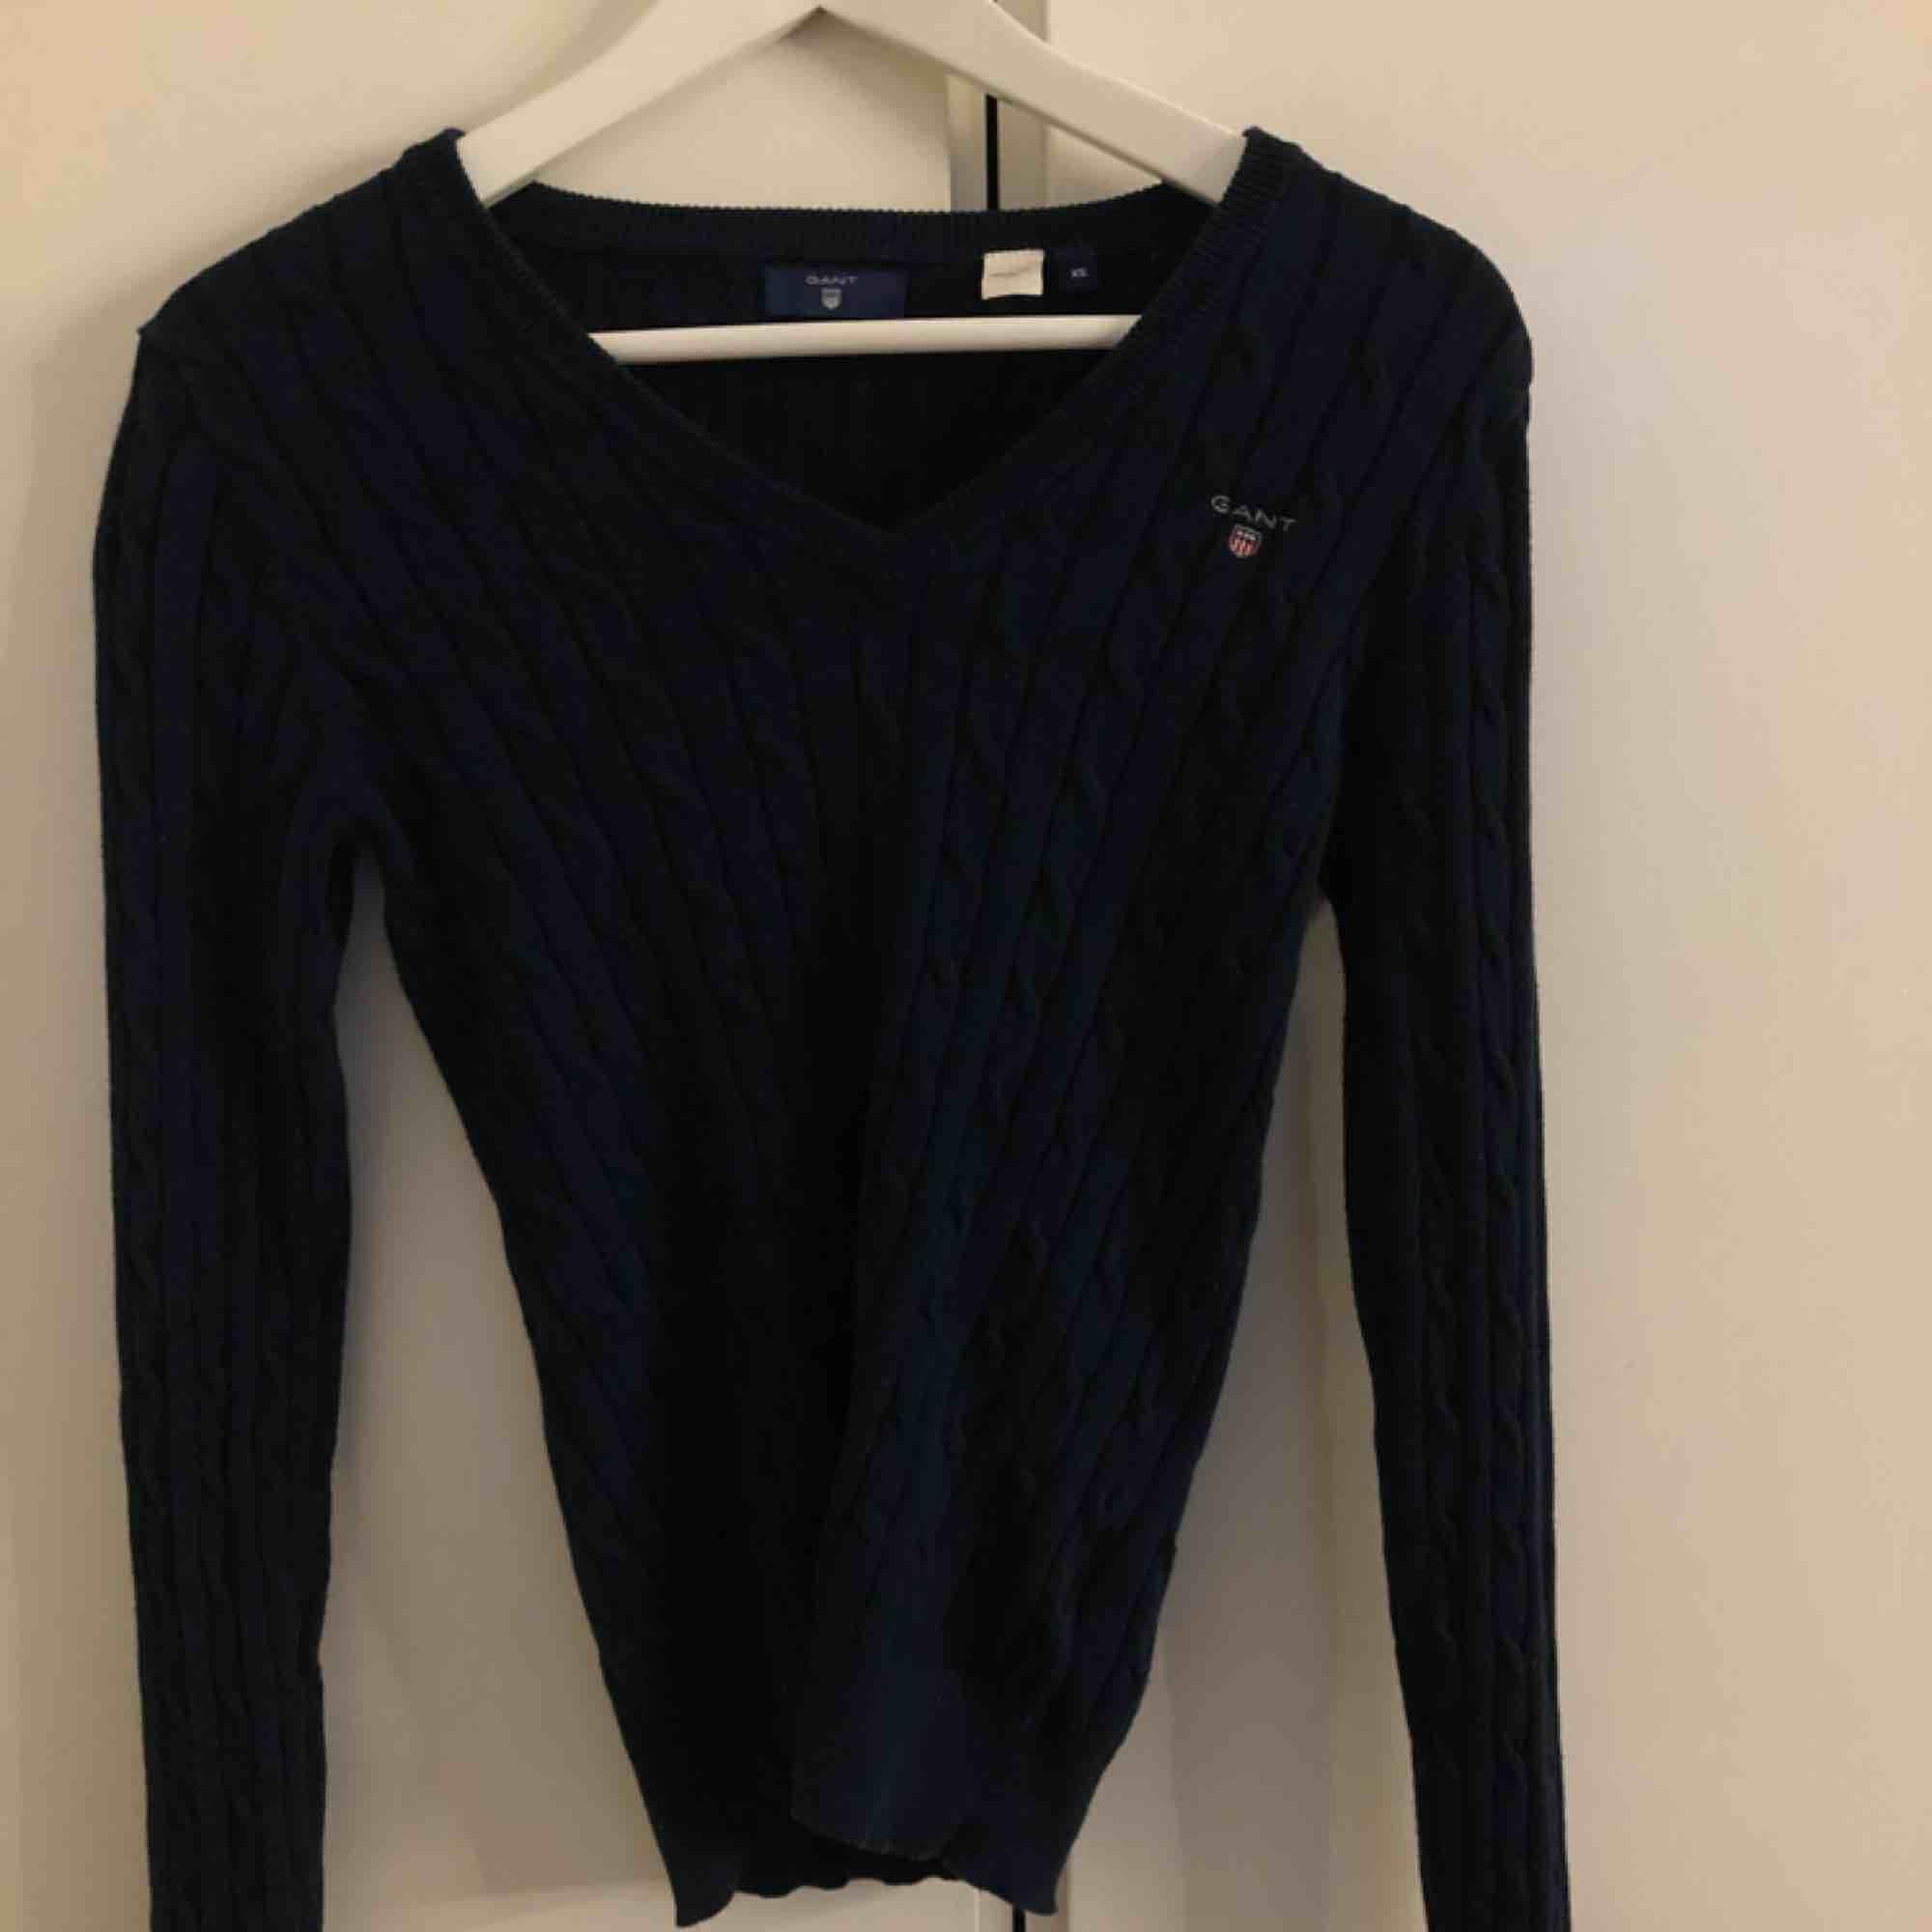 En kabellstickad Gant tröja, använd endast 1 gång. . Tröjor & Koftor.